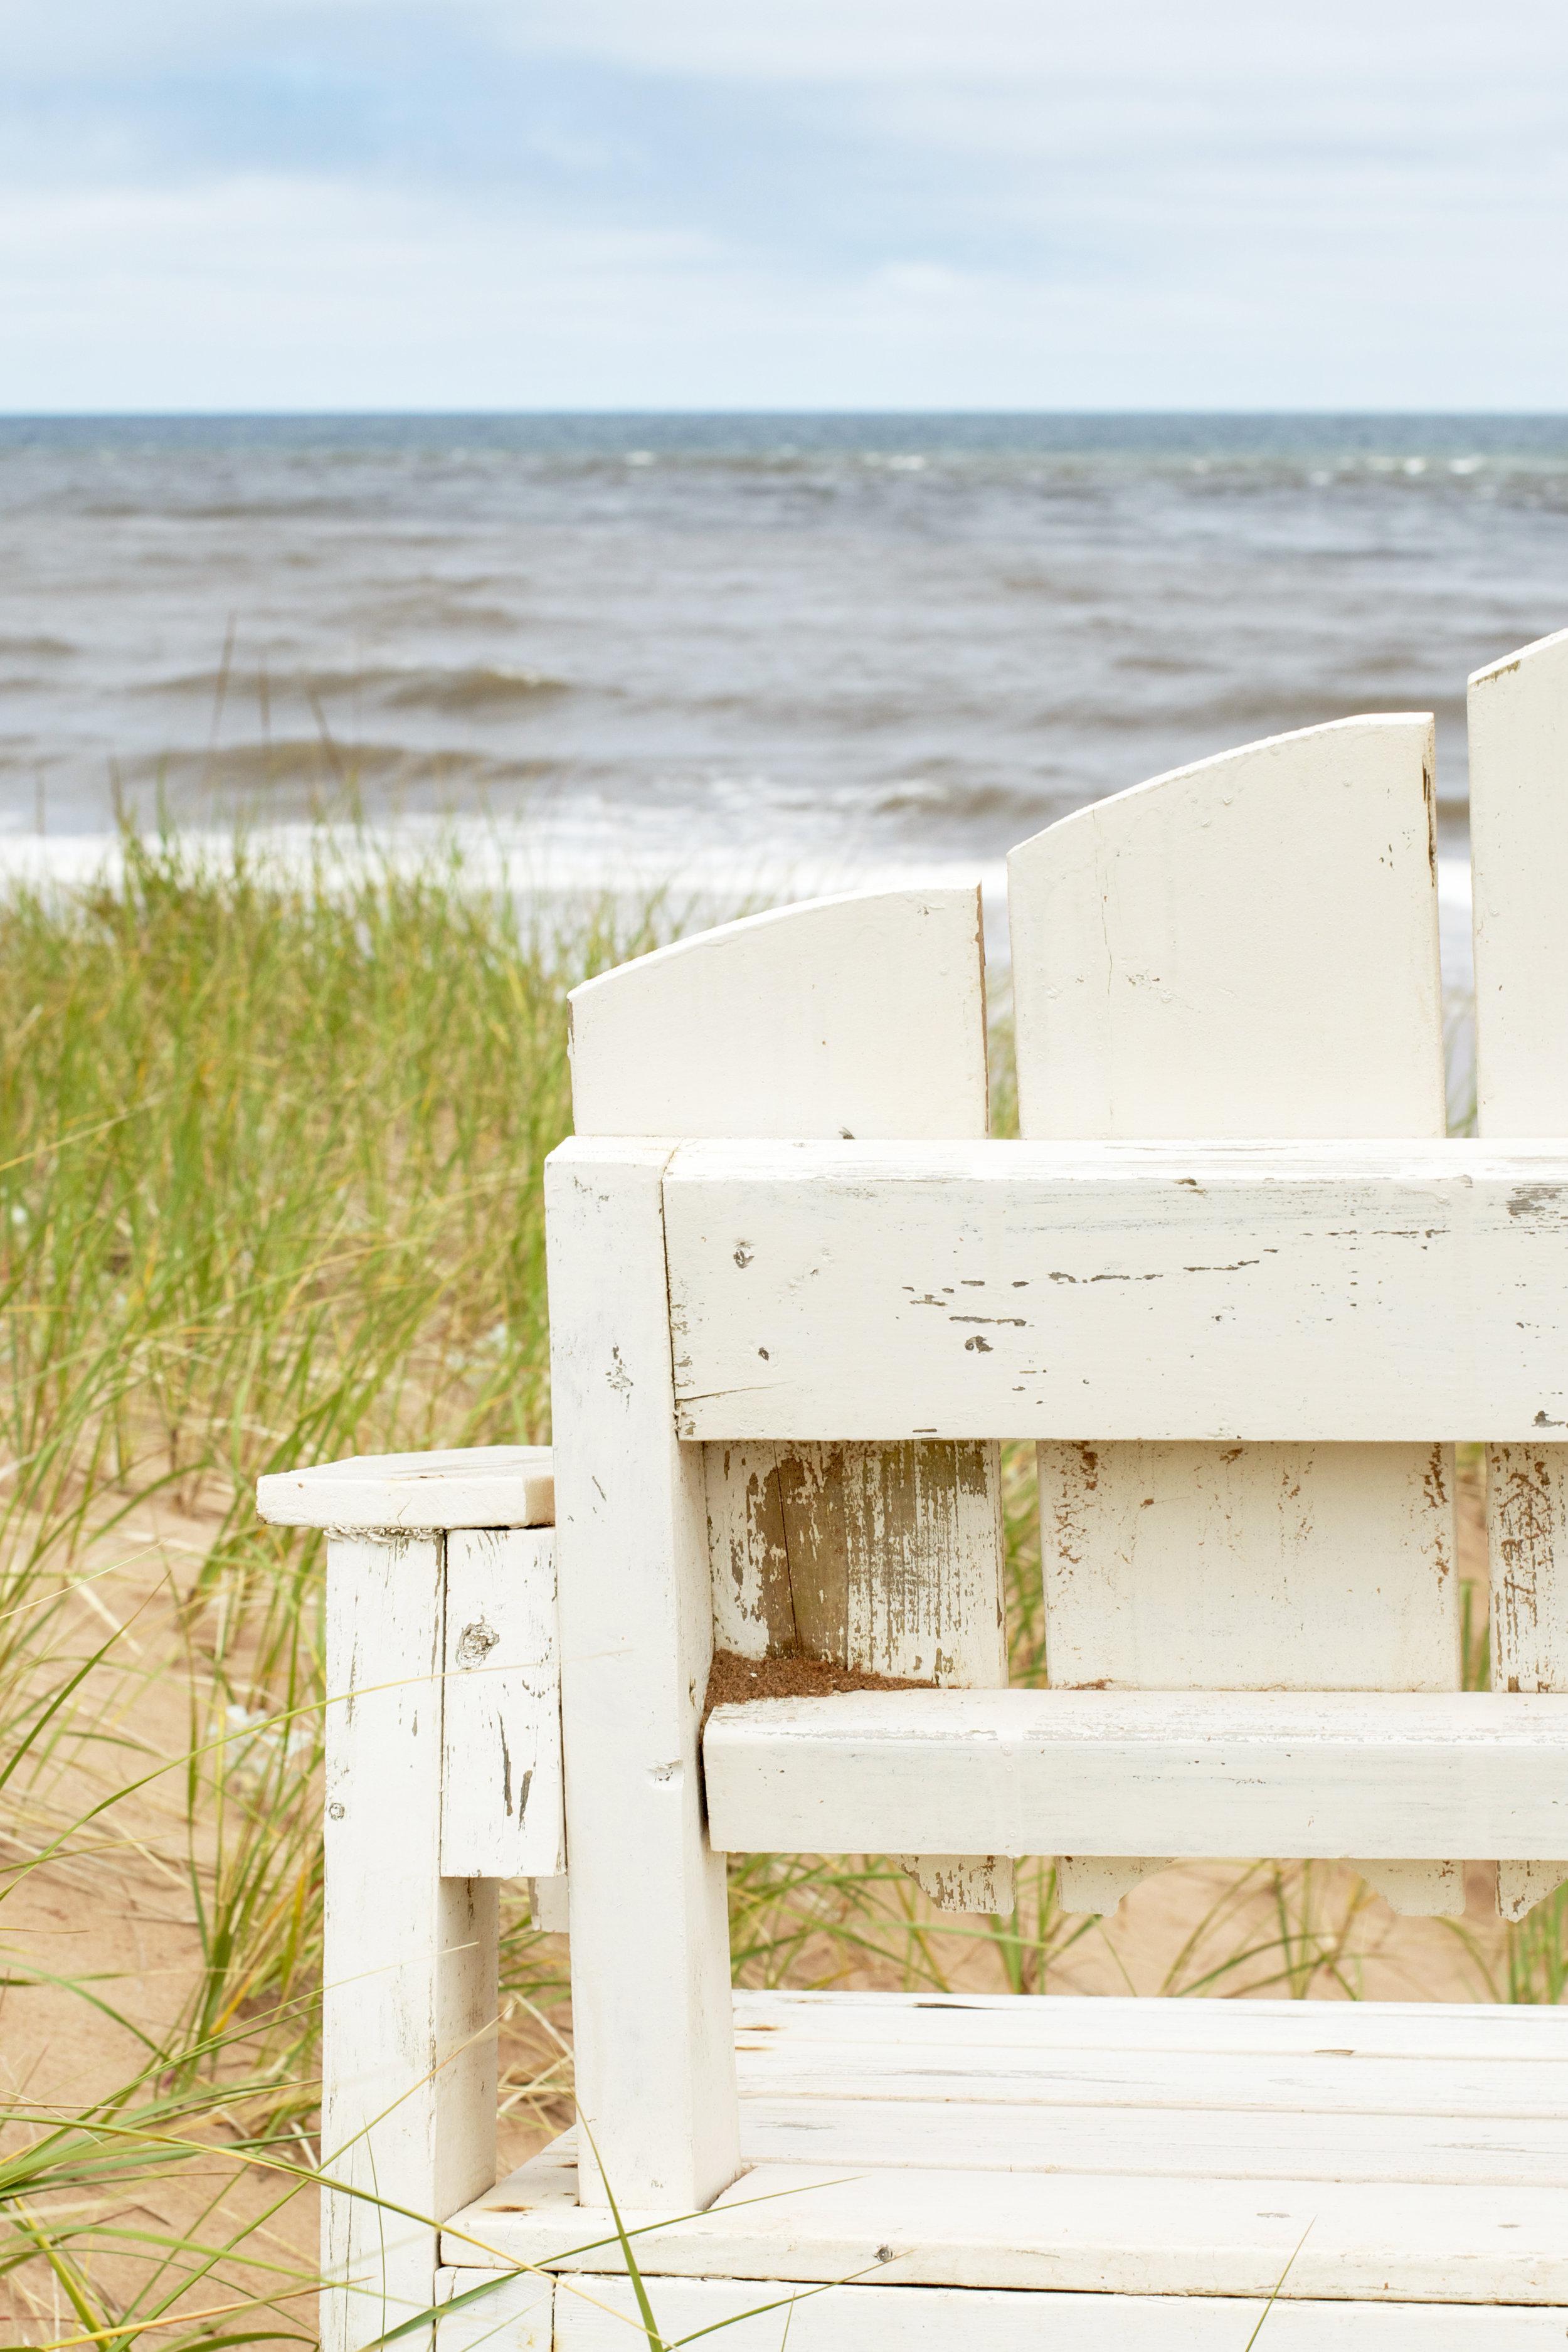 beach-chair-view.jpg